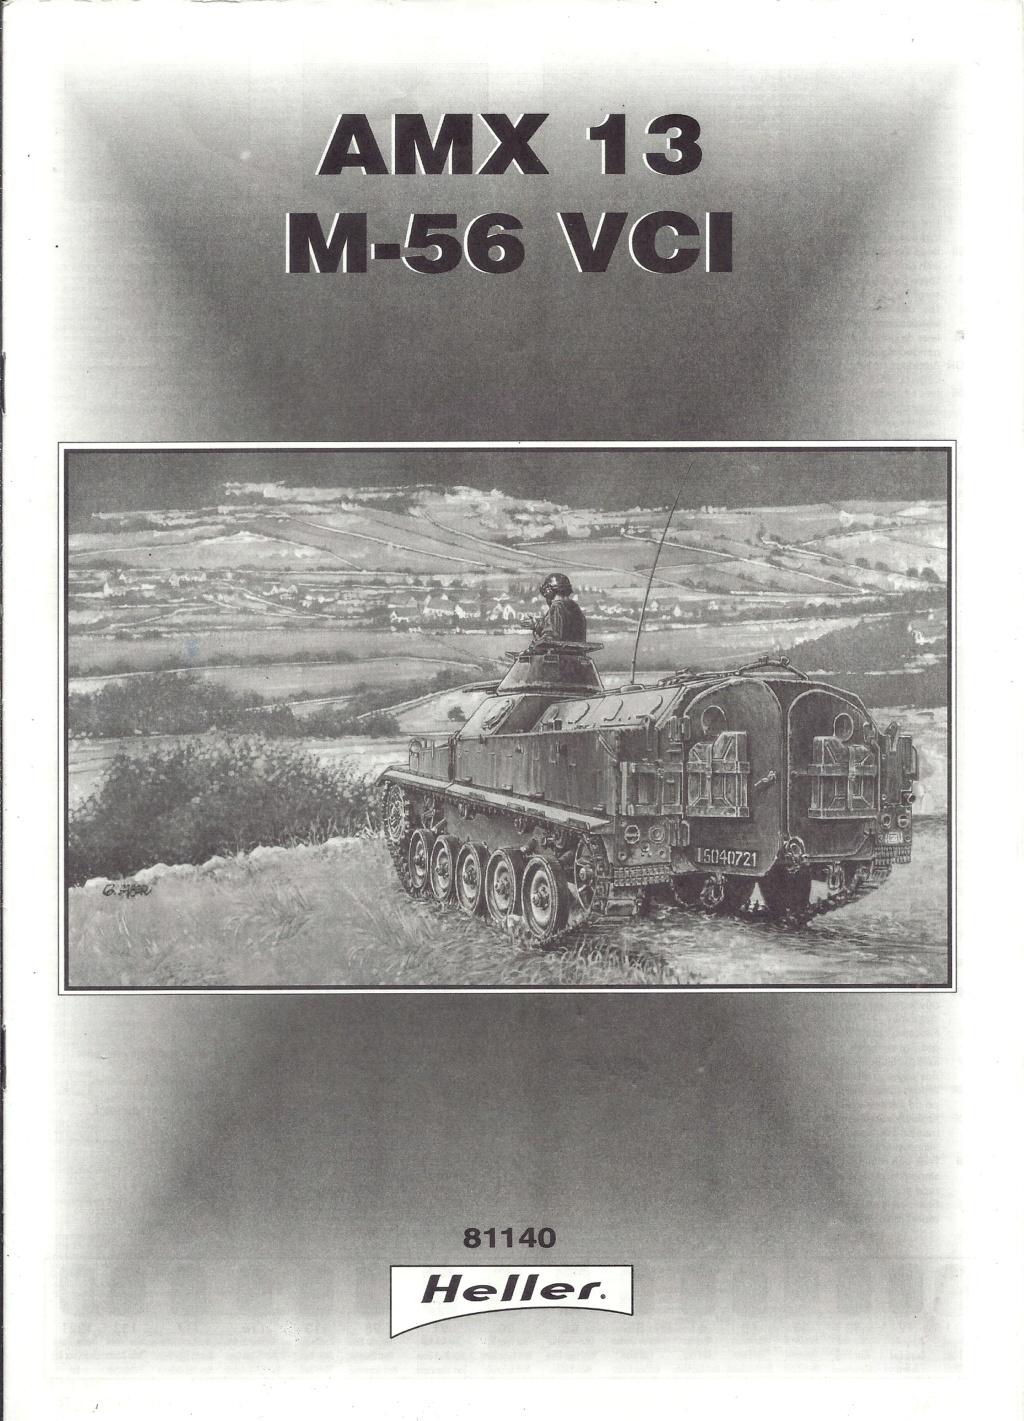 Véhicule de Combat d Infanterie AMX 13 M 56 VCI 1/35ème Réf 81140 Notice Hell2111